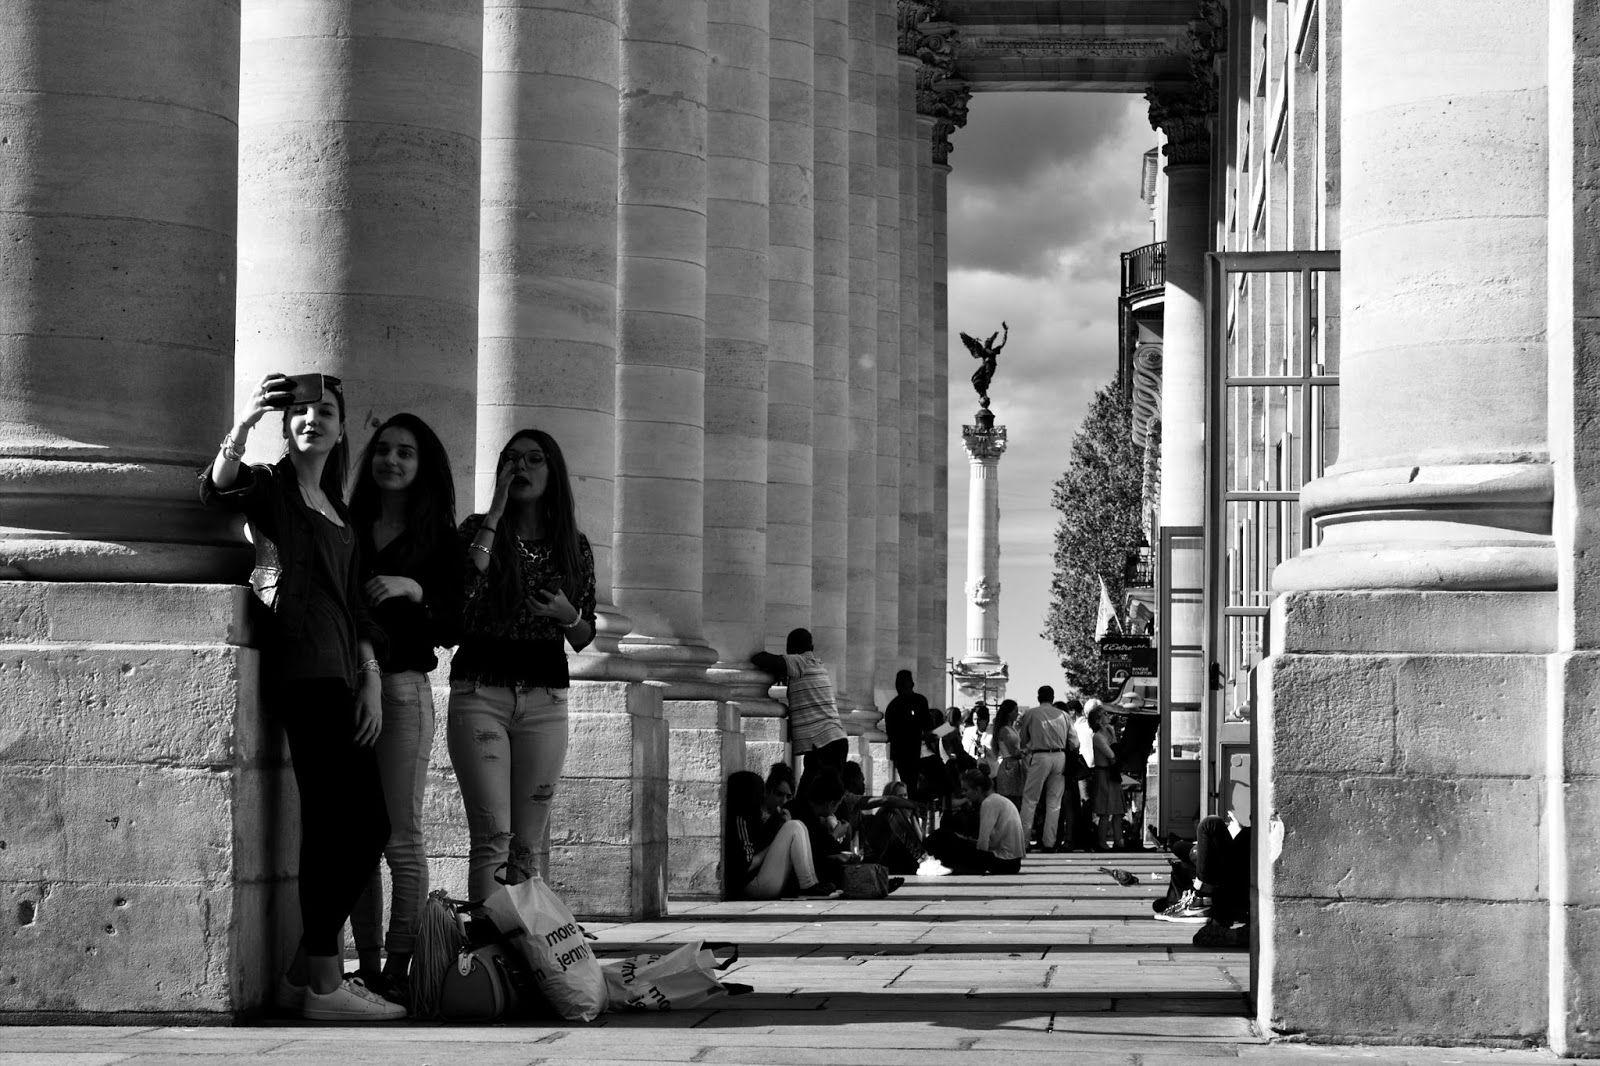 L'autre image de Bordeaux: Selfie time